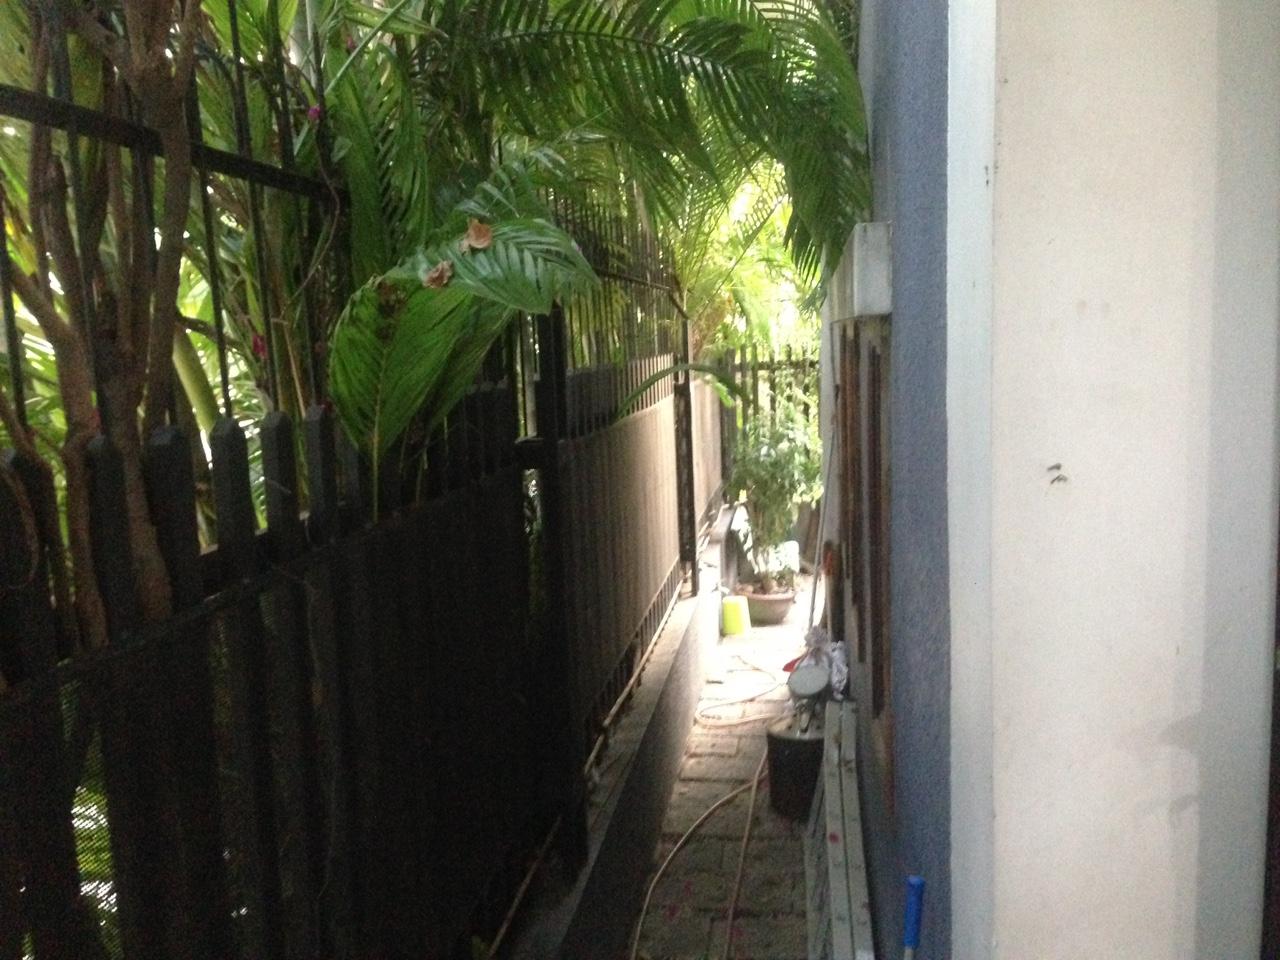 Bán biệt thự sân vườn phường Trường Thọ Quận Thủ Đức 05